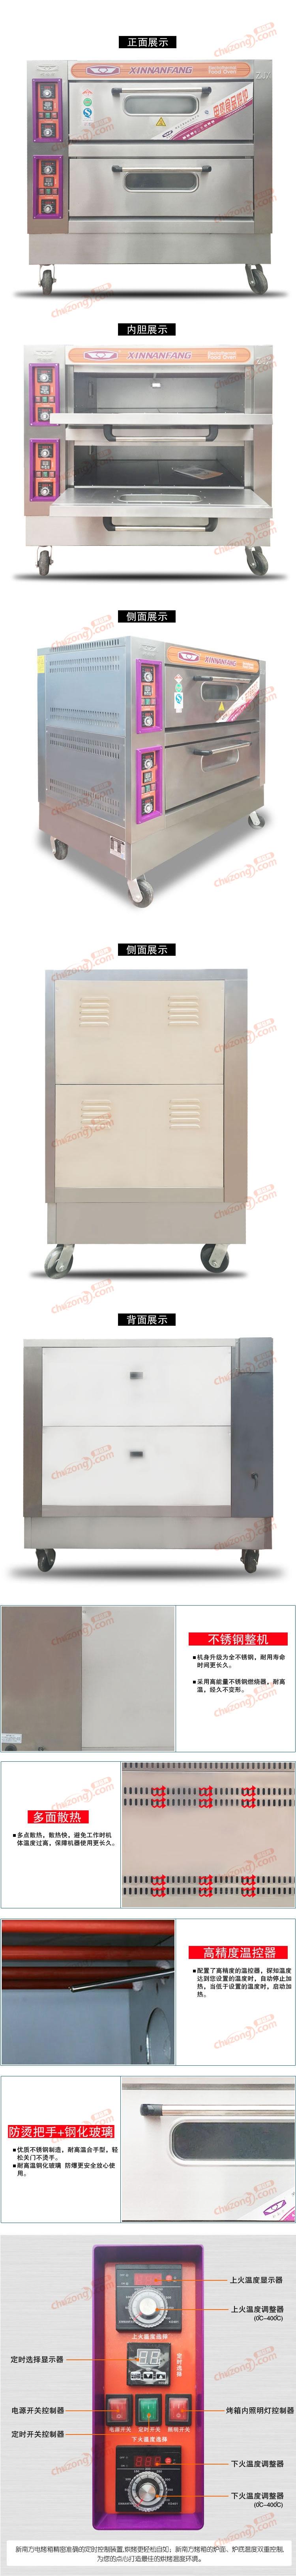 新南方雙層四盤獨立控溫電烤箱YXD-40C詳情圖